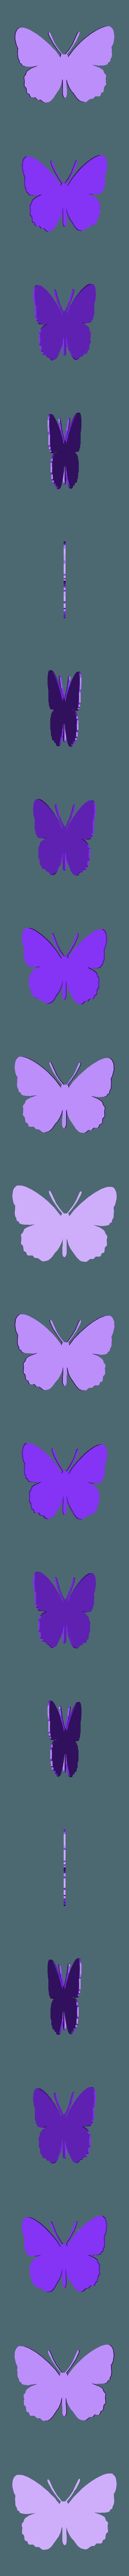 papillon grand.stl Télécharger fichier STL papillons en relief • Objet pour impression 3D, catf3d